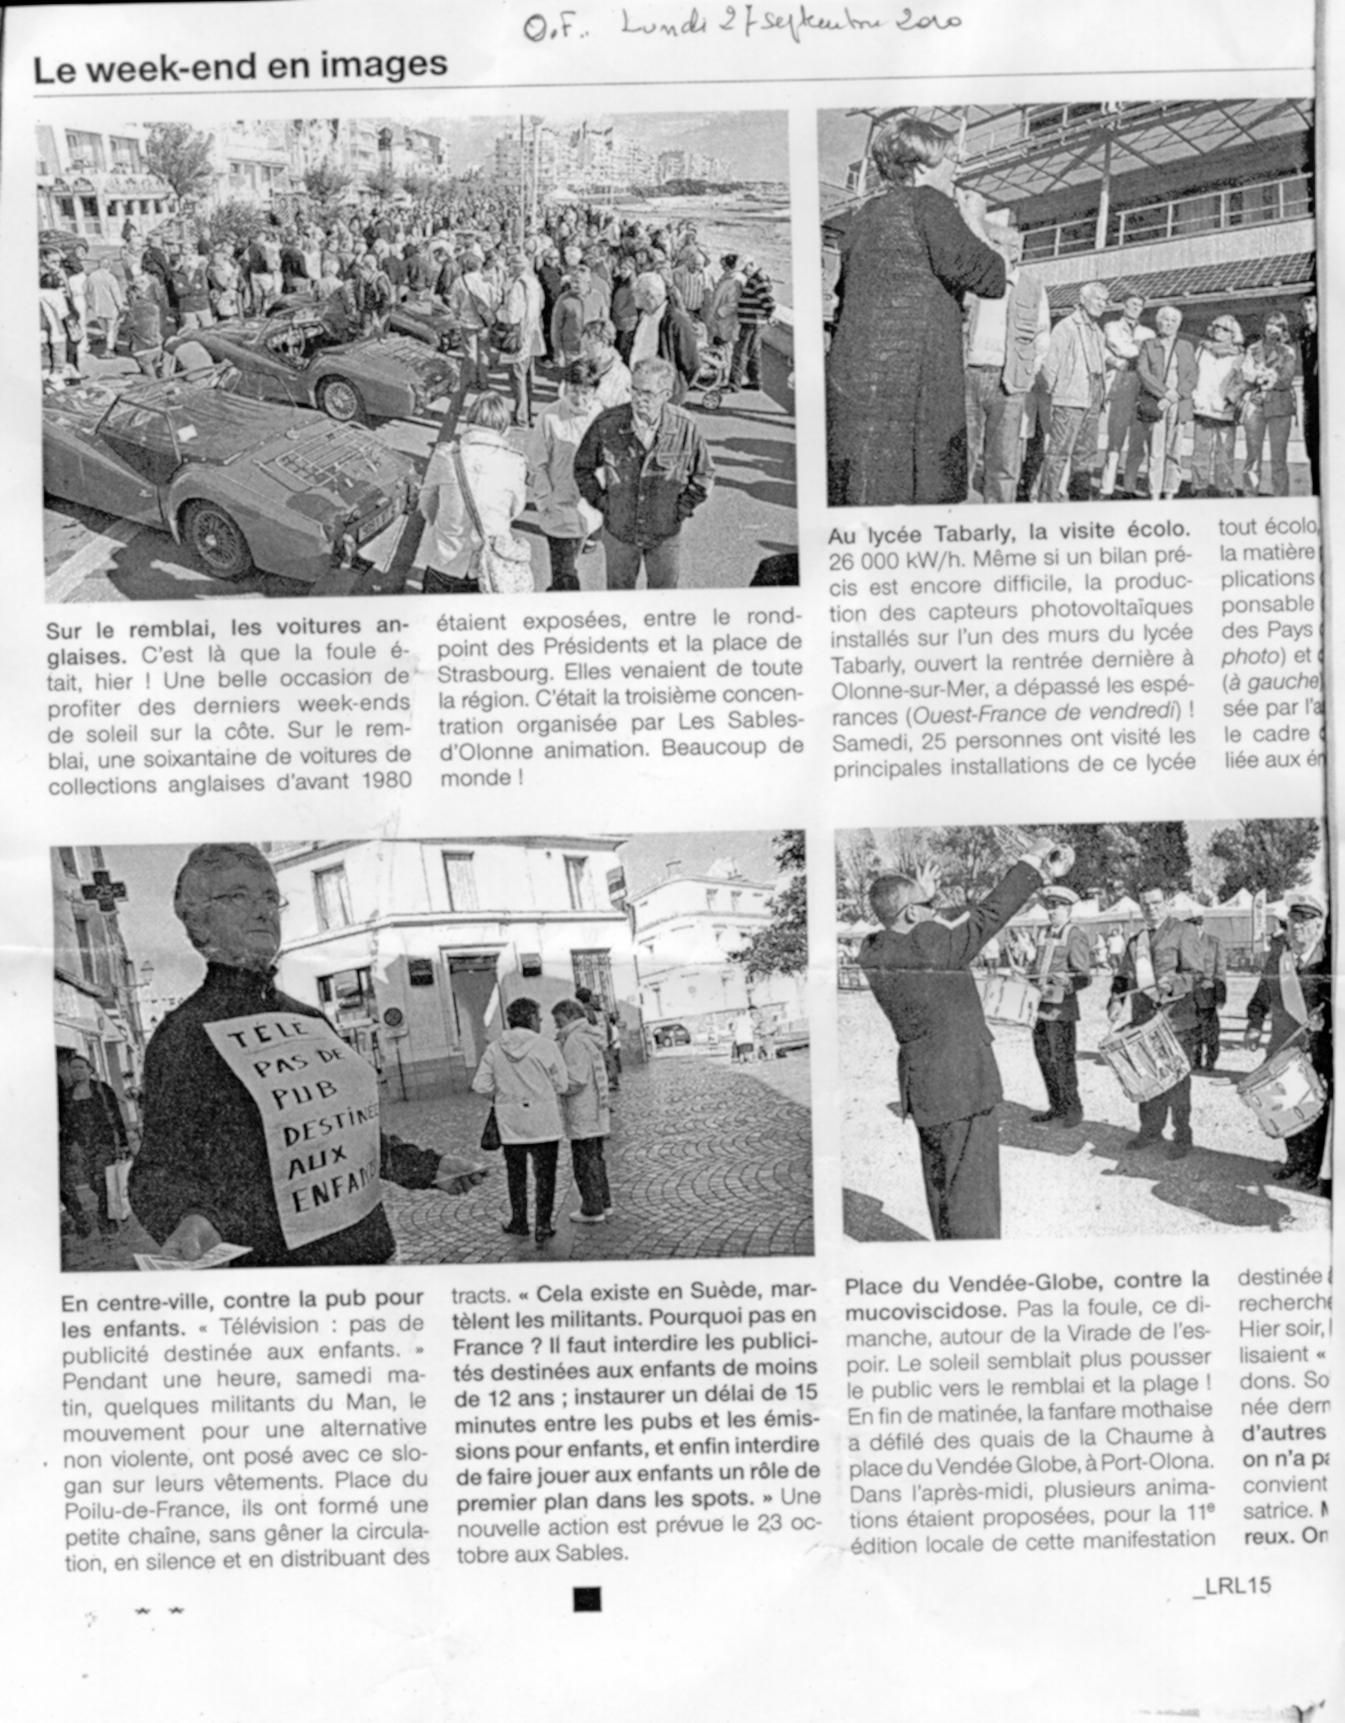 Extrait du journal Ouest France 27 septembre 2010 - Télé, pas de pub